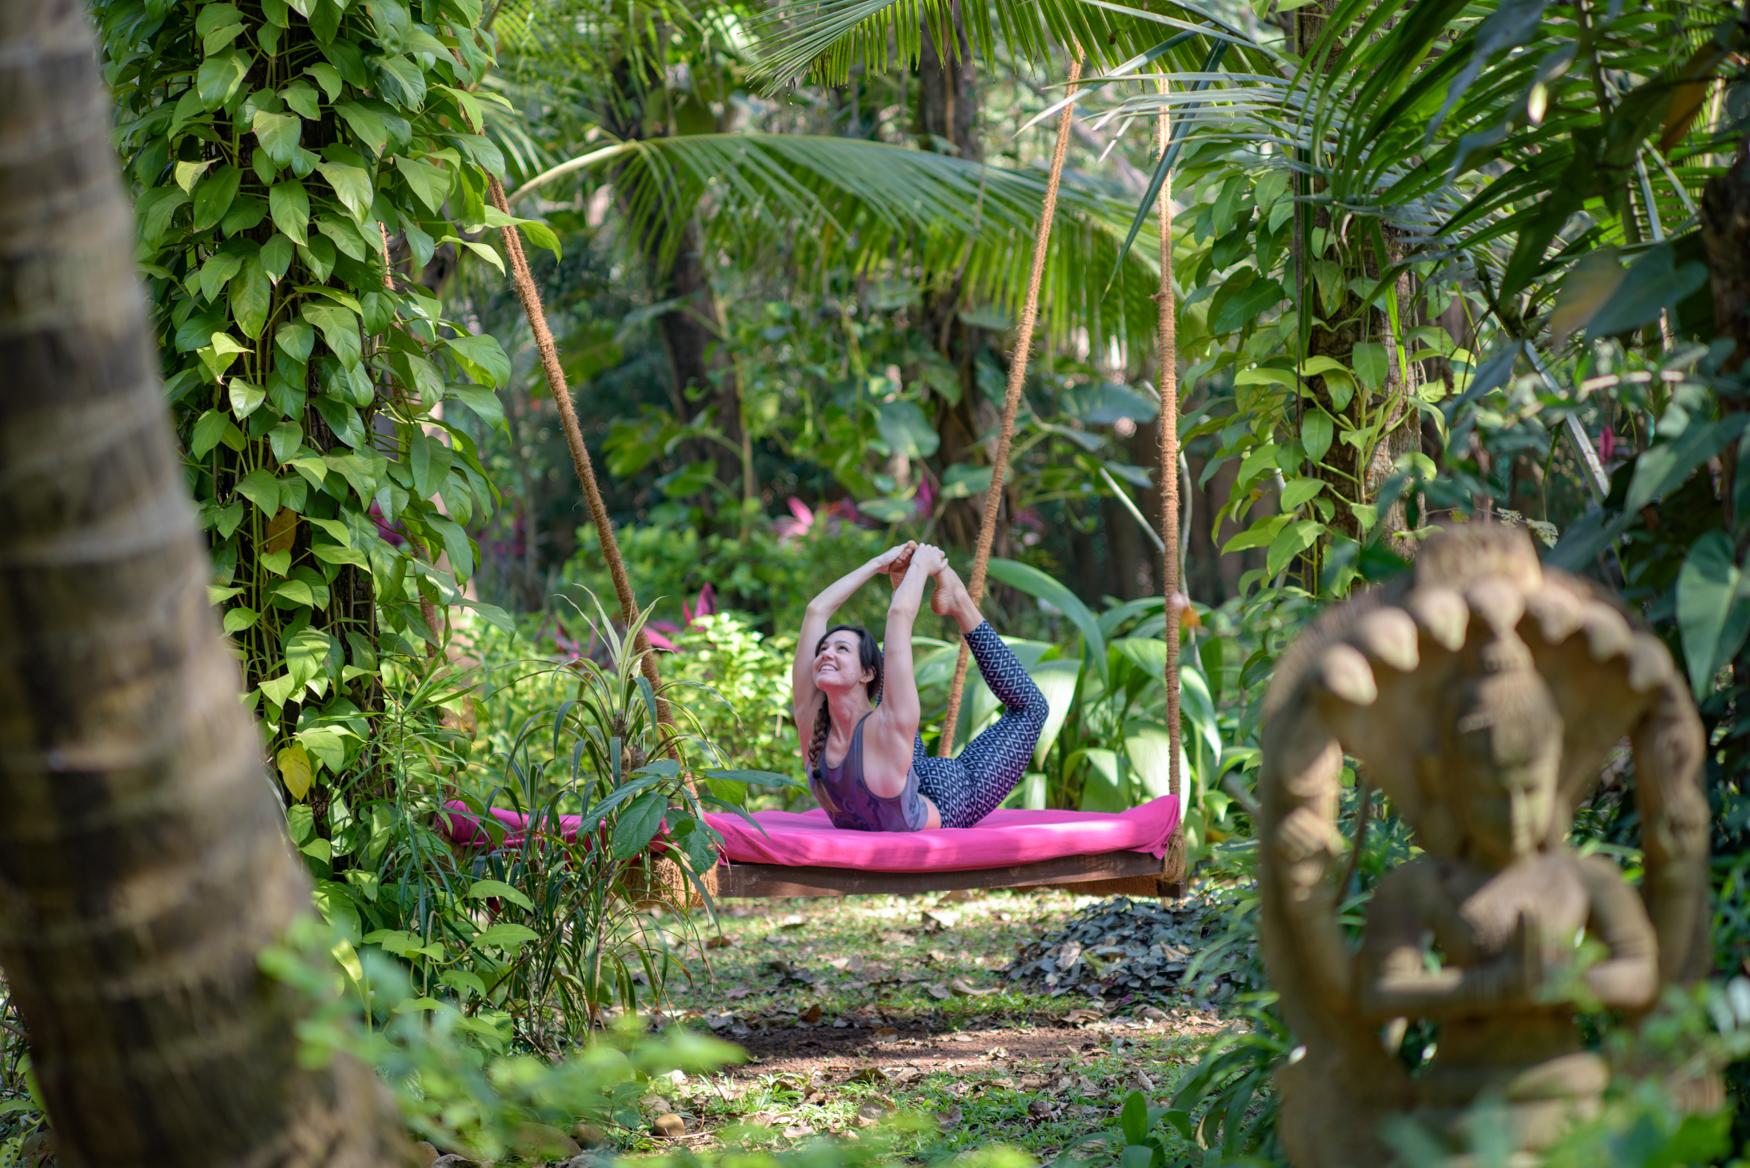 Yoga-Asana-Photography-Costa-Rica-19.jpg